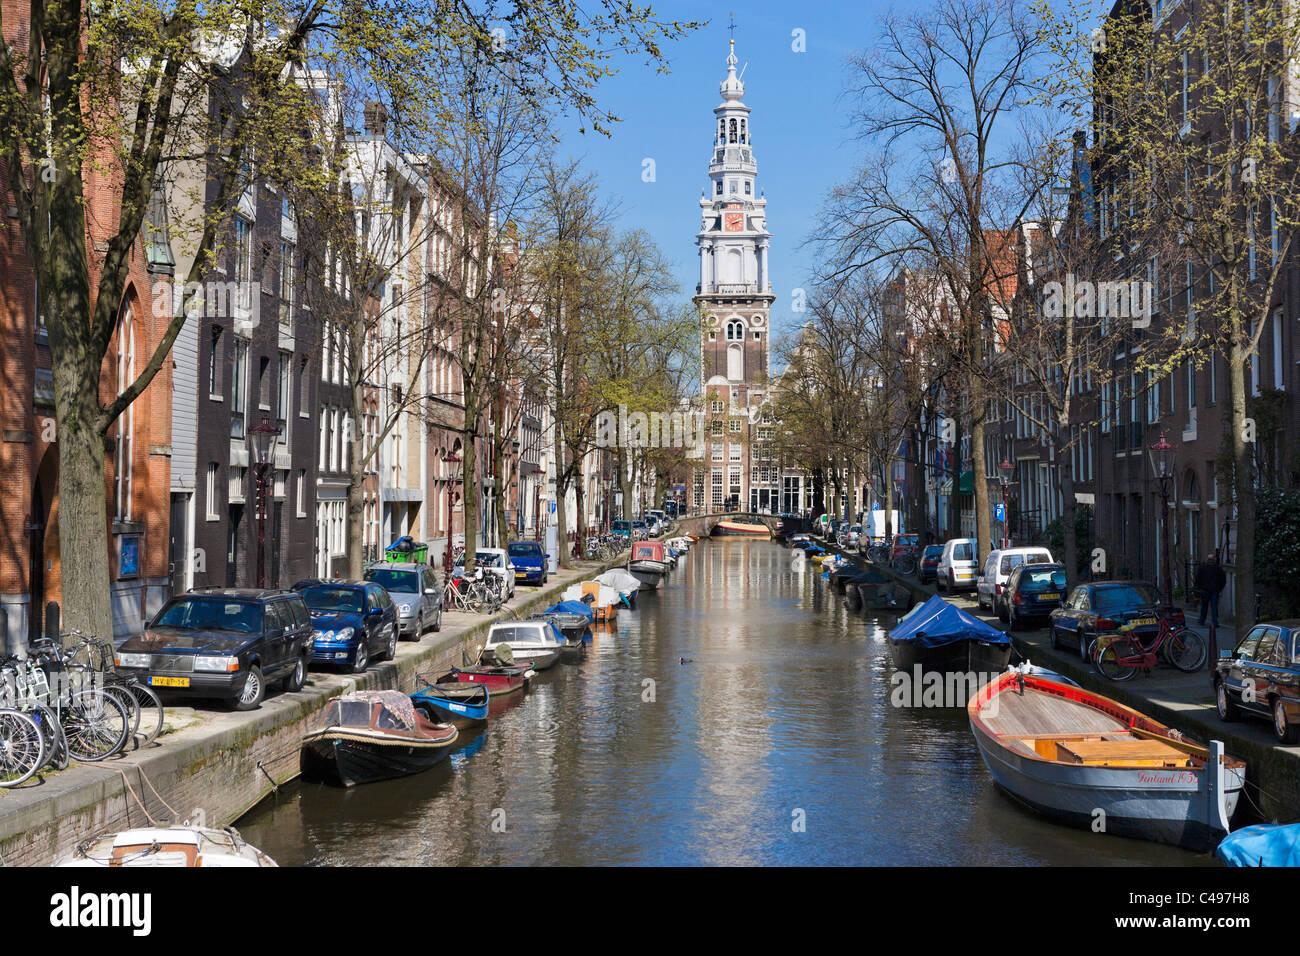 La Zuiderkerk alla fine del canal Groenburgwal in primavera, Amsterdam, Paesi Bassi Immagini Stock